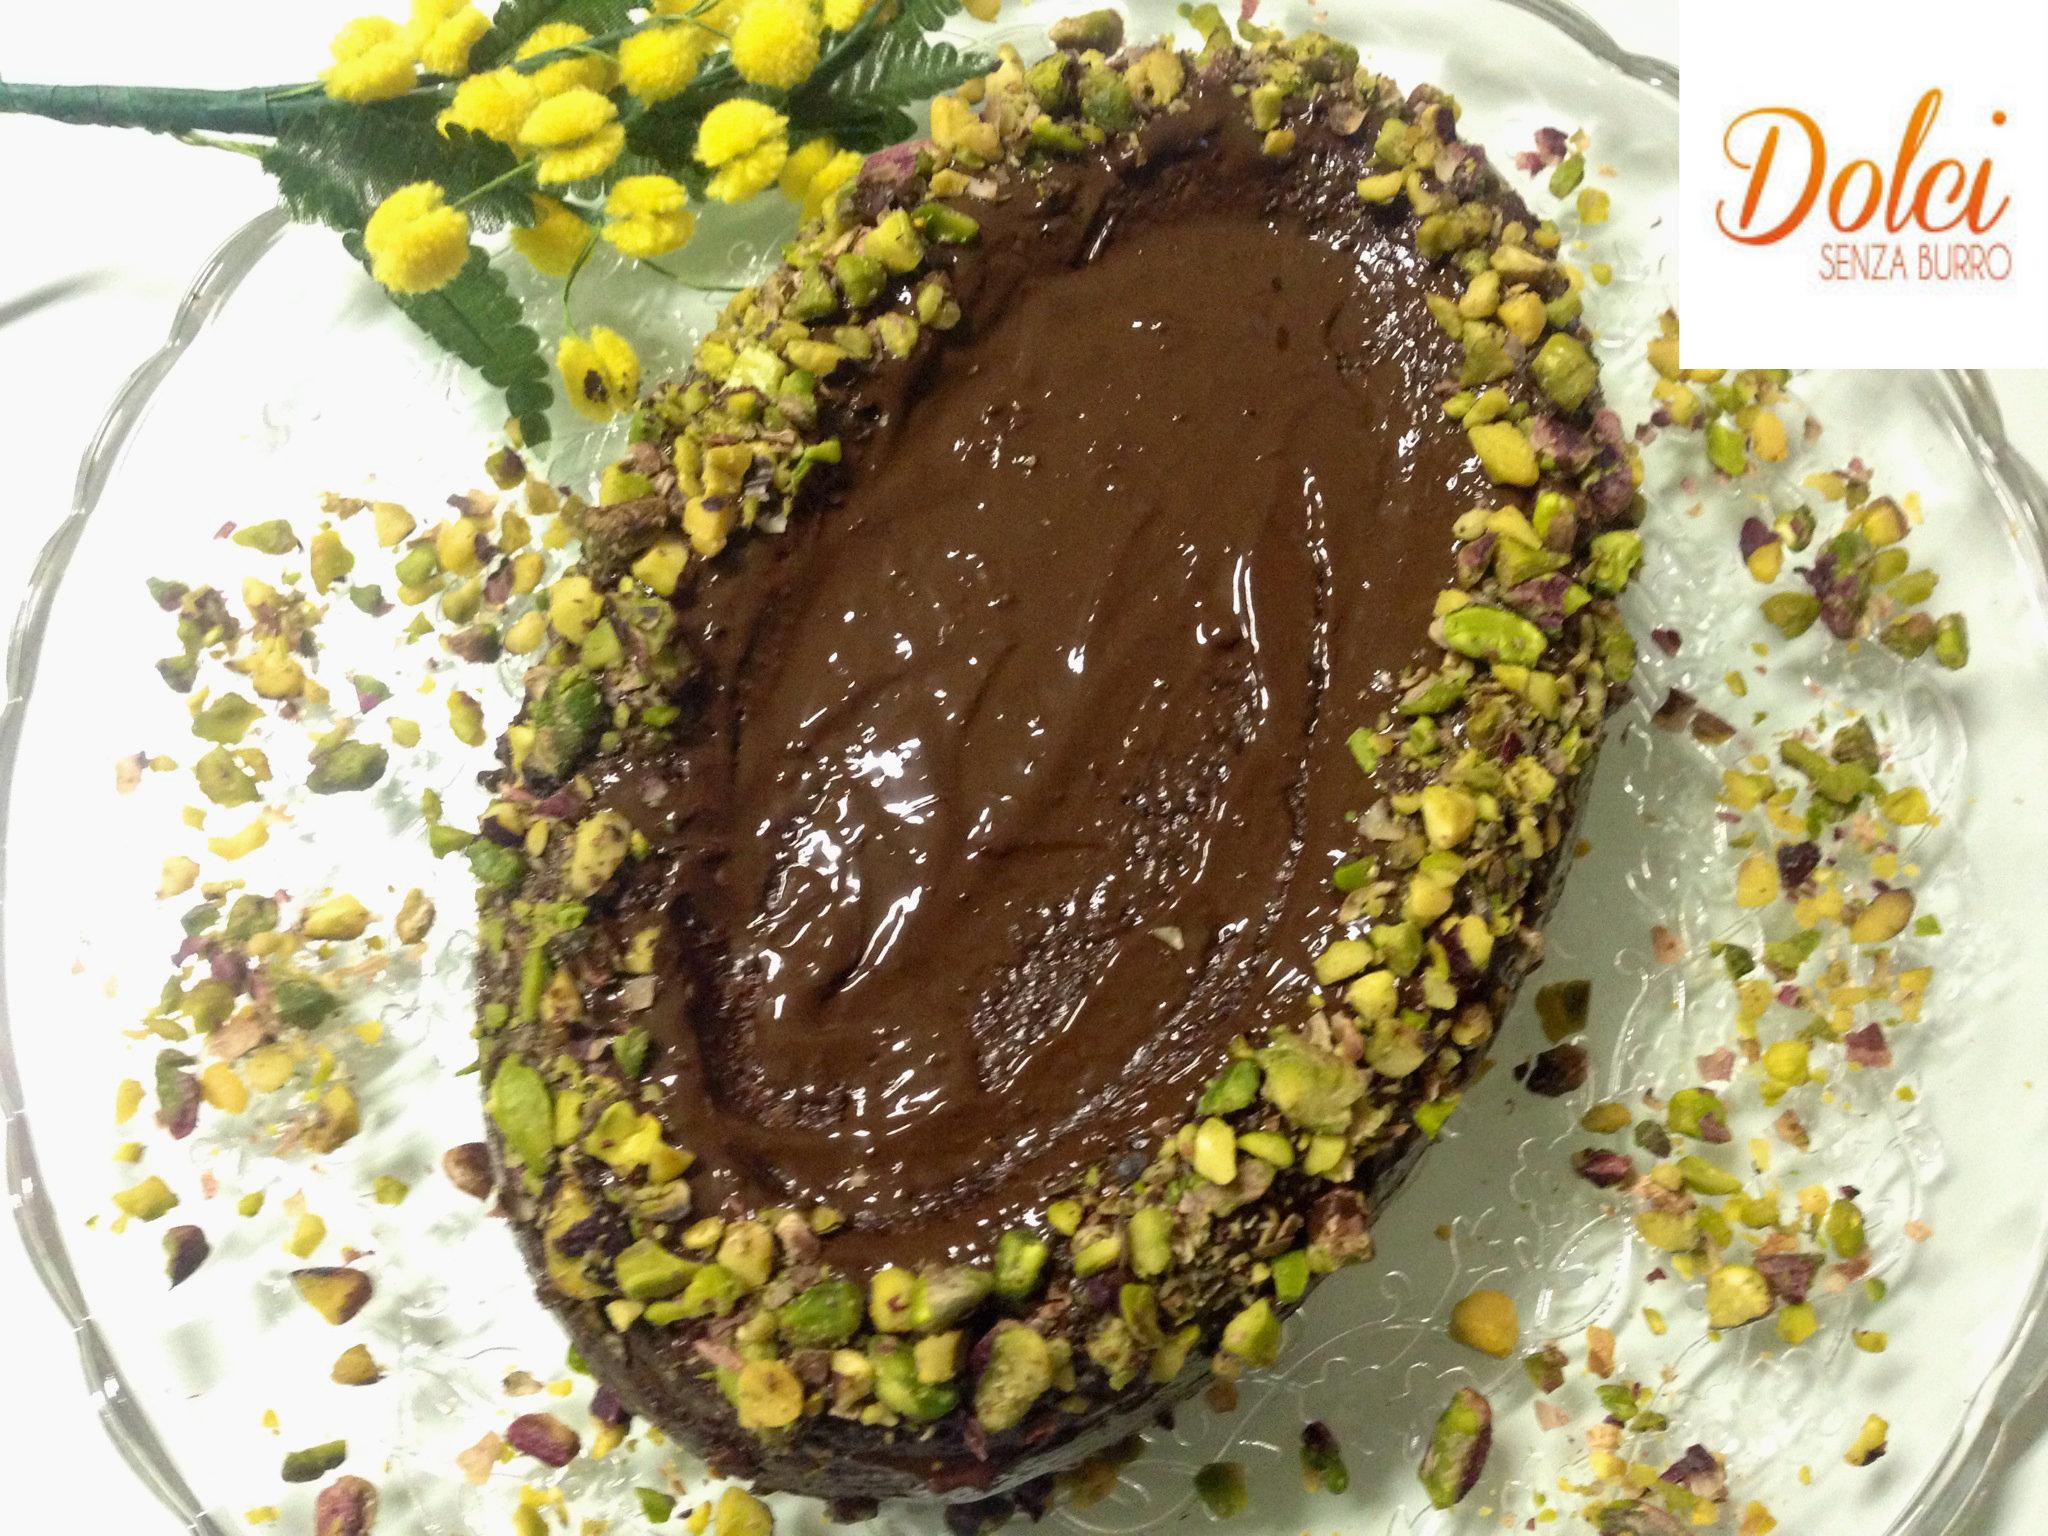 L'Uovo di Pasqua di Torta Senza Burro è un originale idea di dolci senza burro per rendere speciale una semplice torta